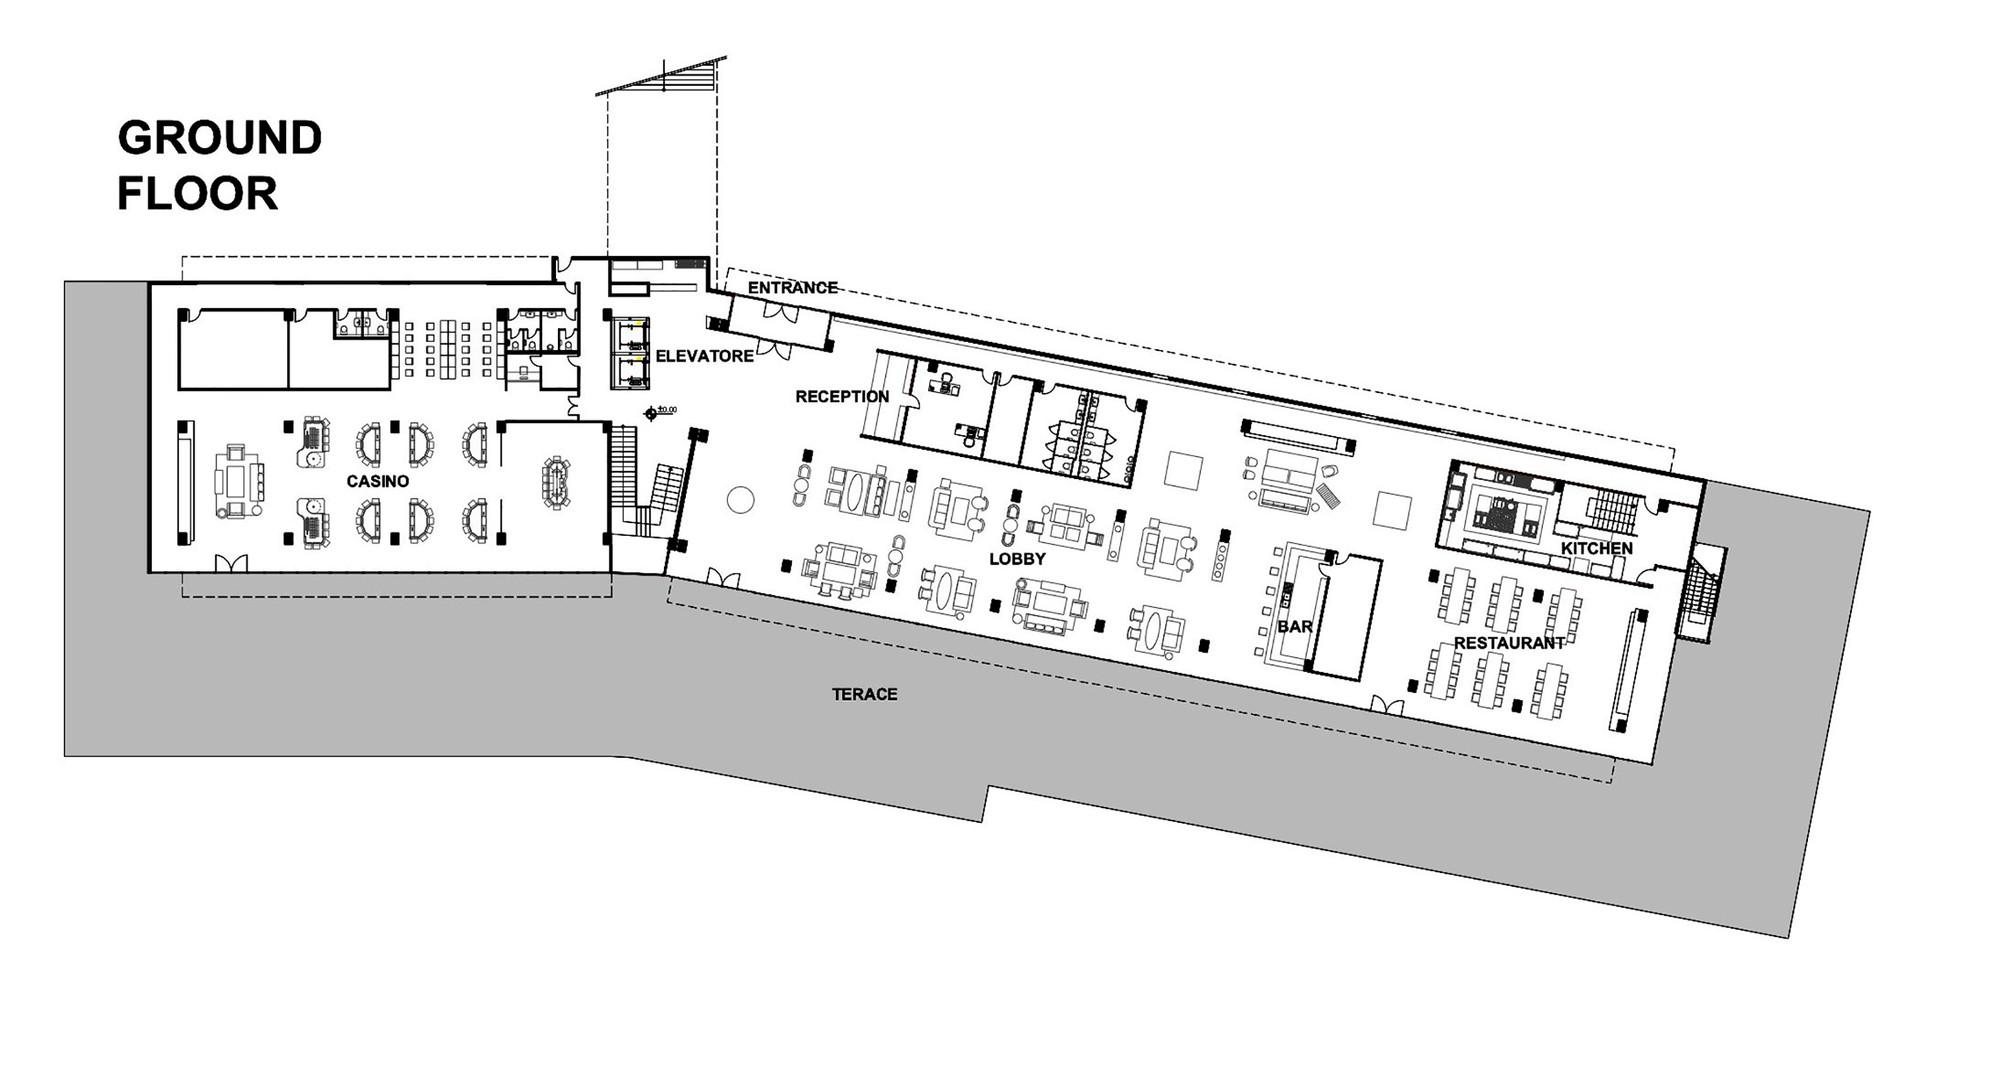 hotel room design plans plan drawing of boiler rooms rukle best elegant hotel kazbeg goga chxetia ia chekheria rooms with hotel room design plans